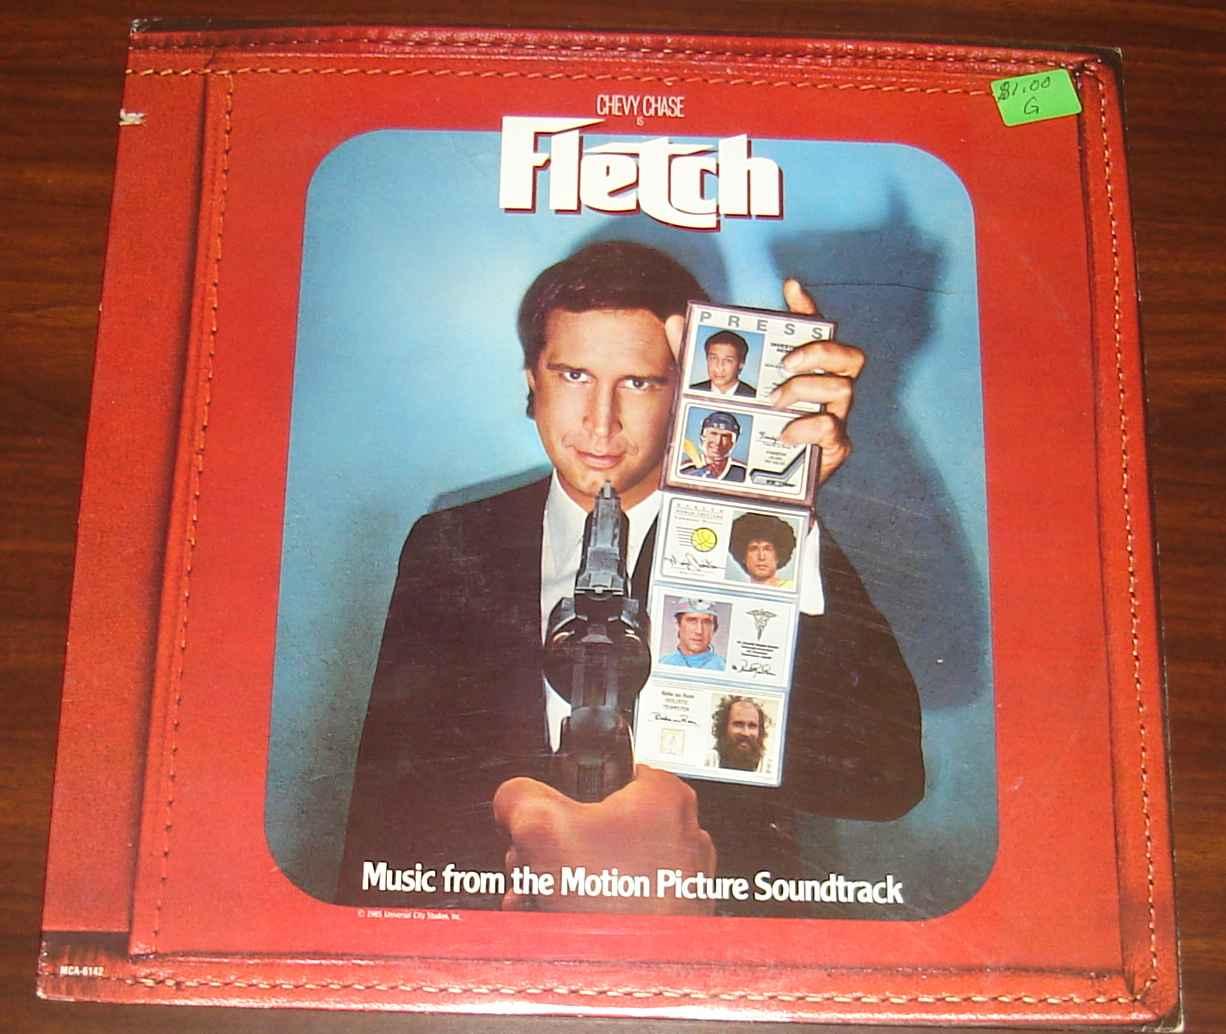 The Fletch soundtrack